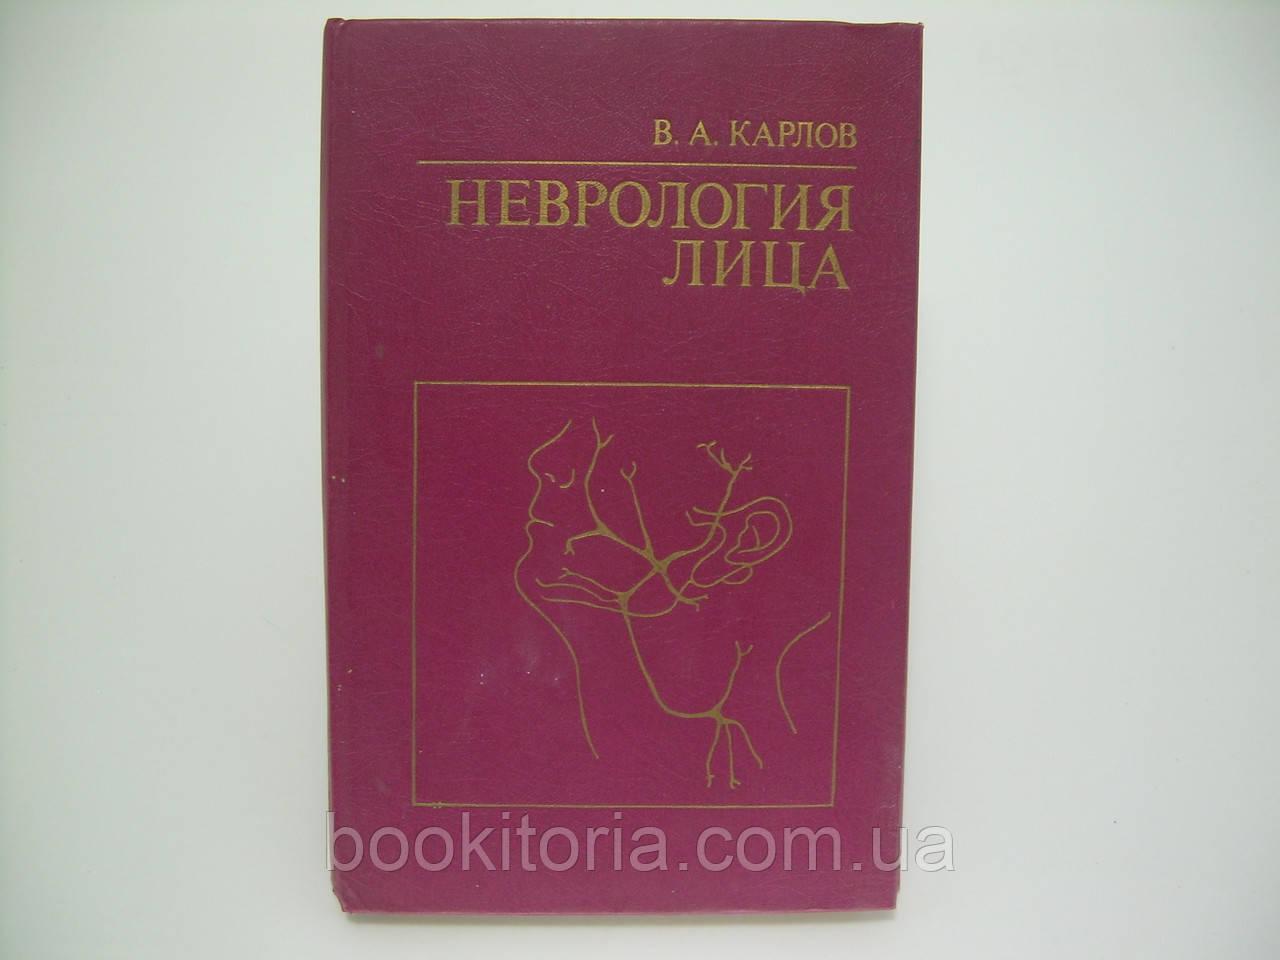 Карлов В.А. Неврология лица (б/у).